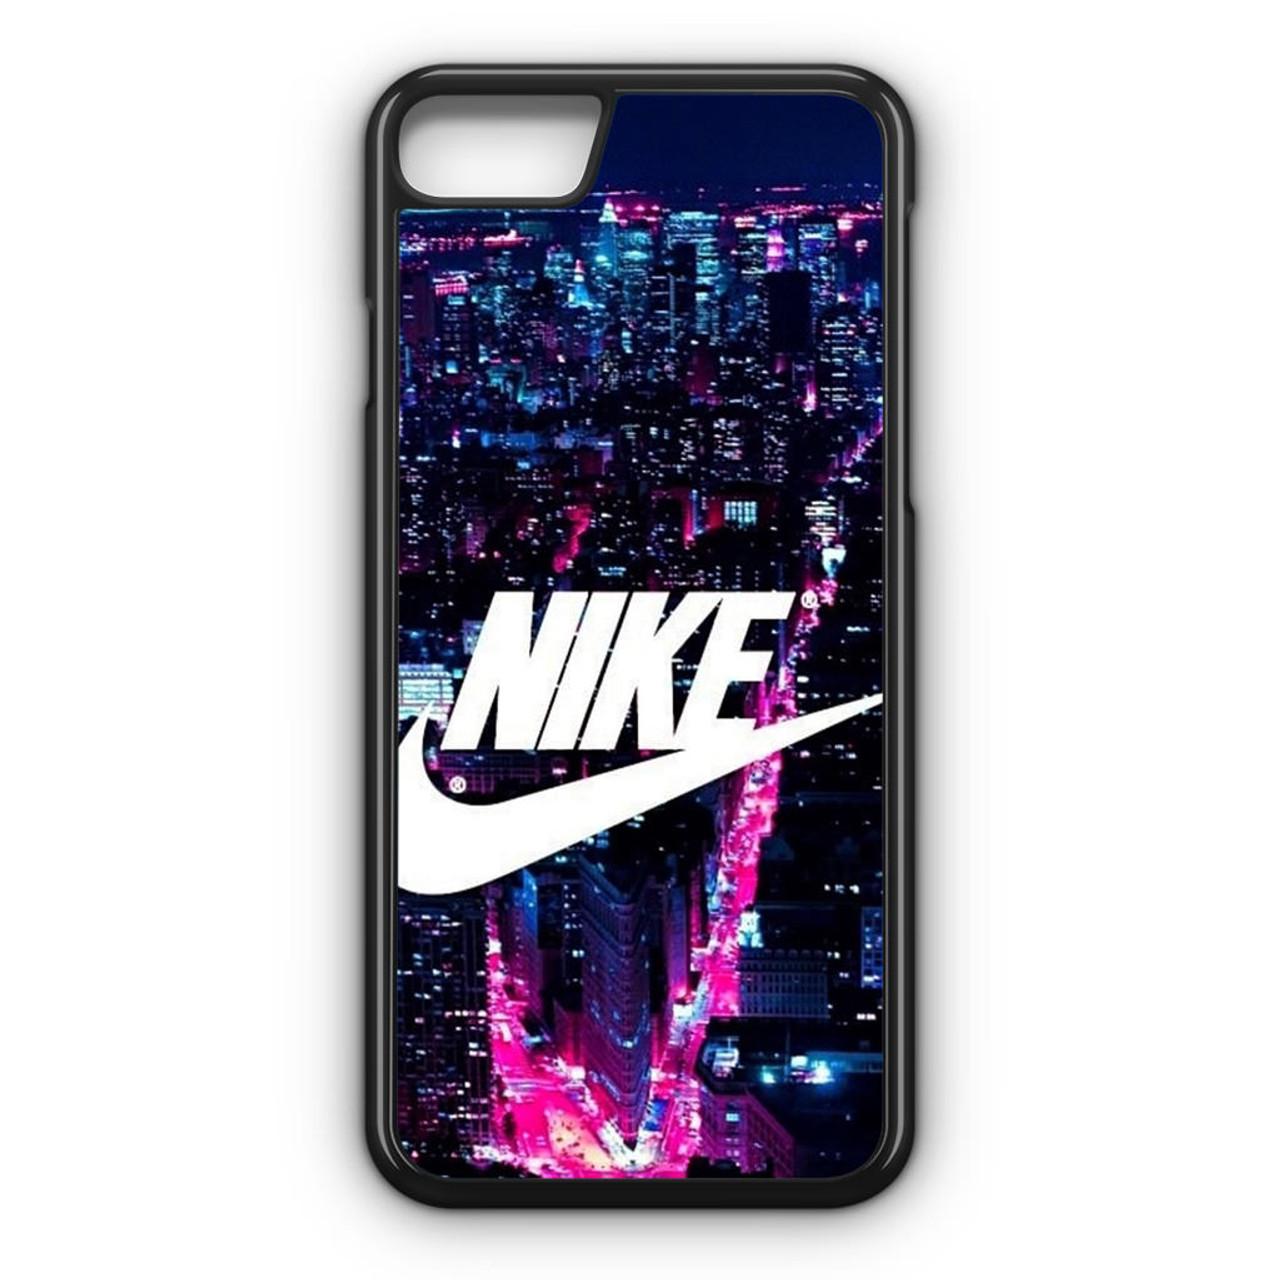 Delegación estrés Presunto  Nike Logo New York City iPhone 8 Case - CASESHUNTER